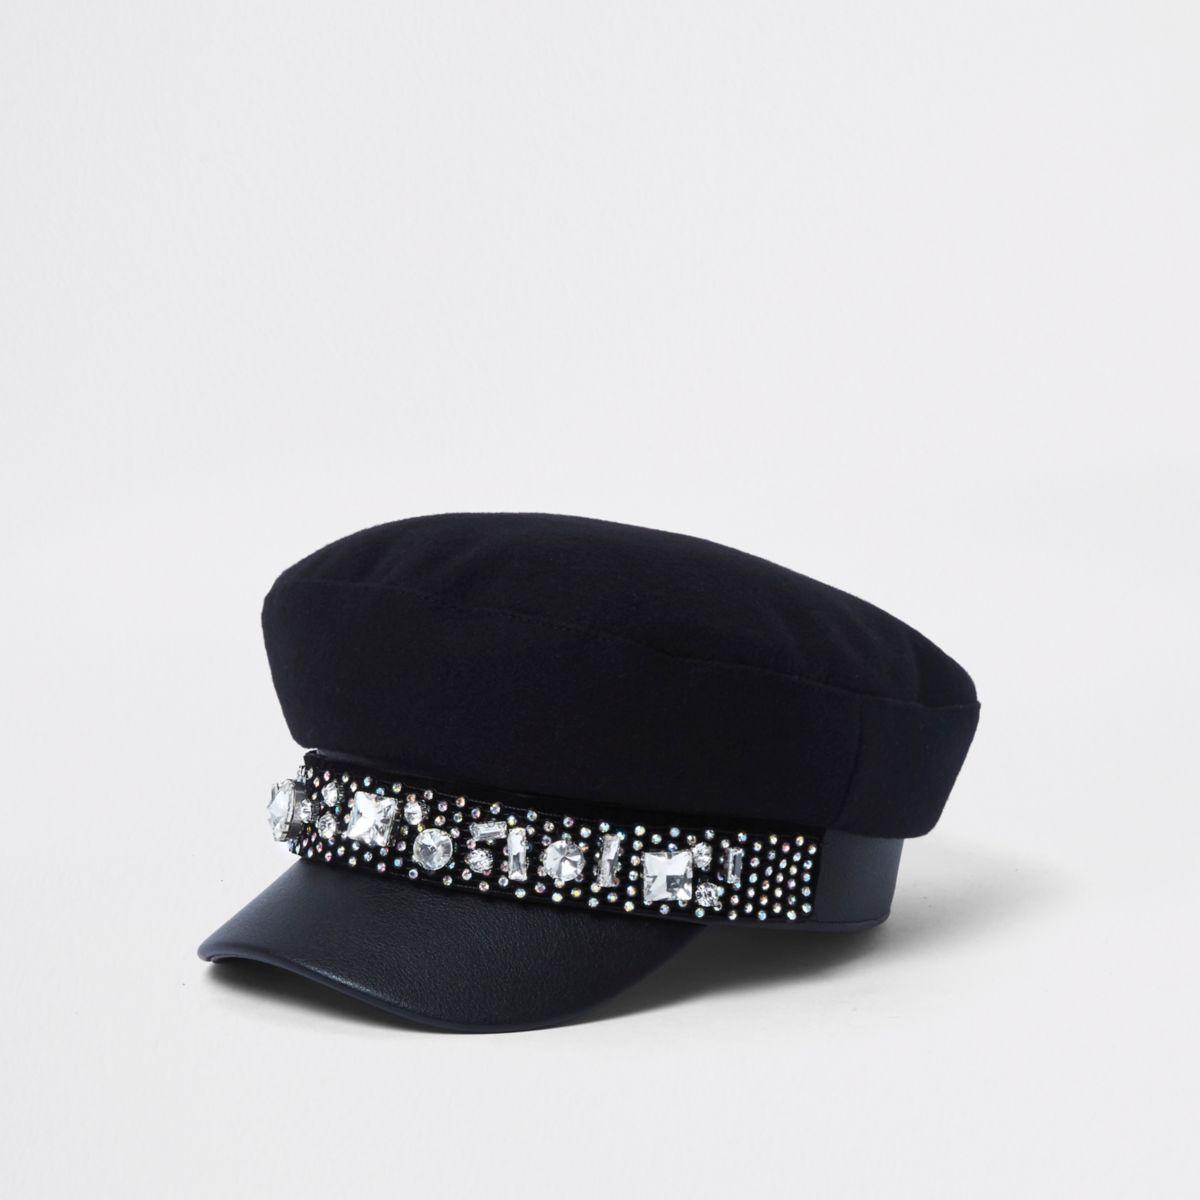 Black jewel embellished baker boy hat